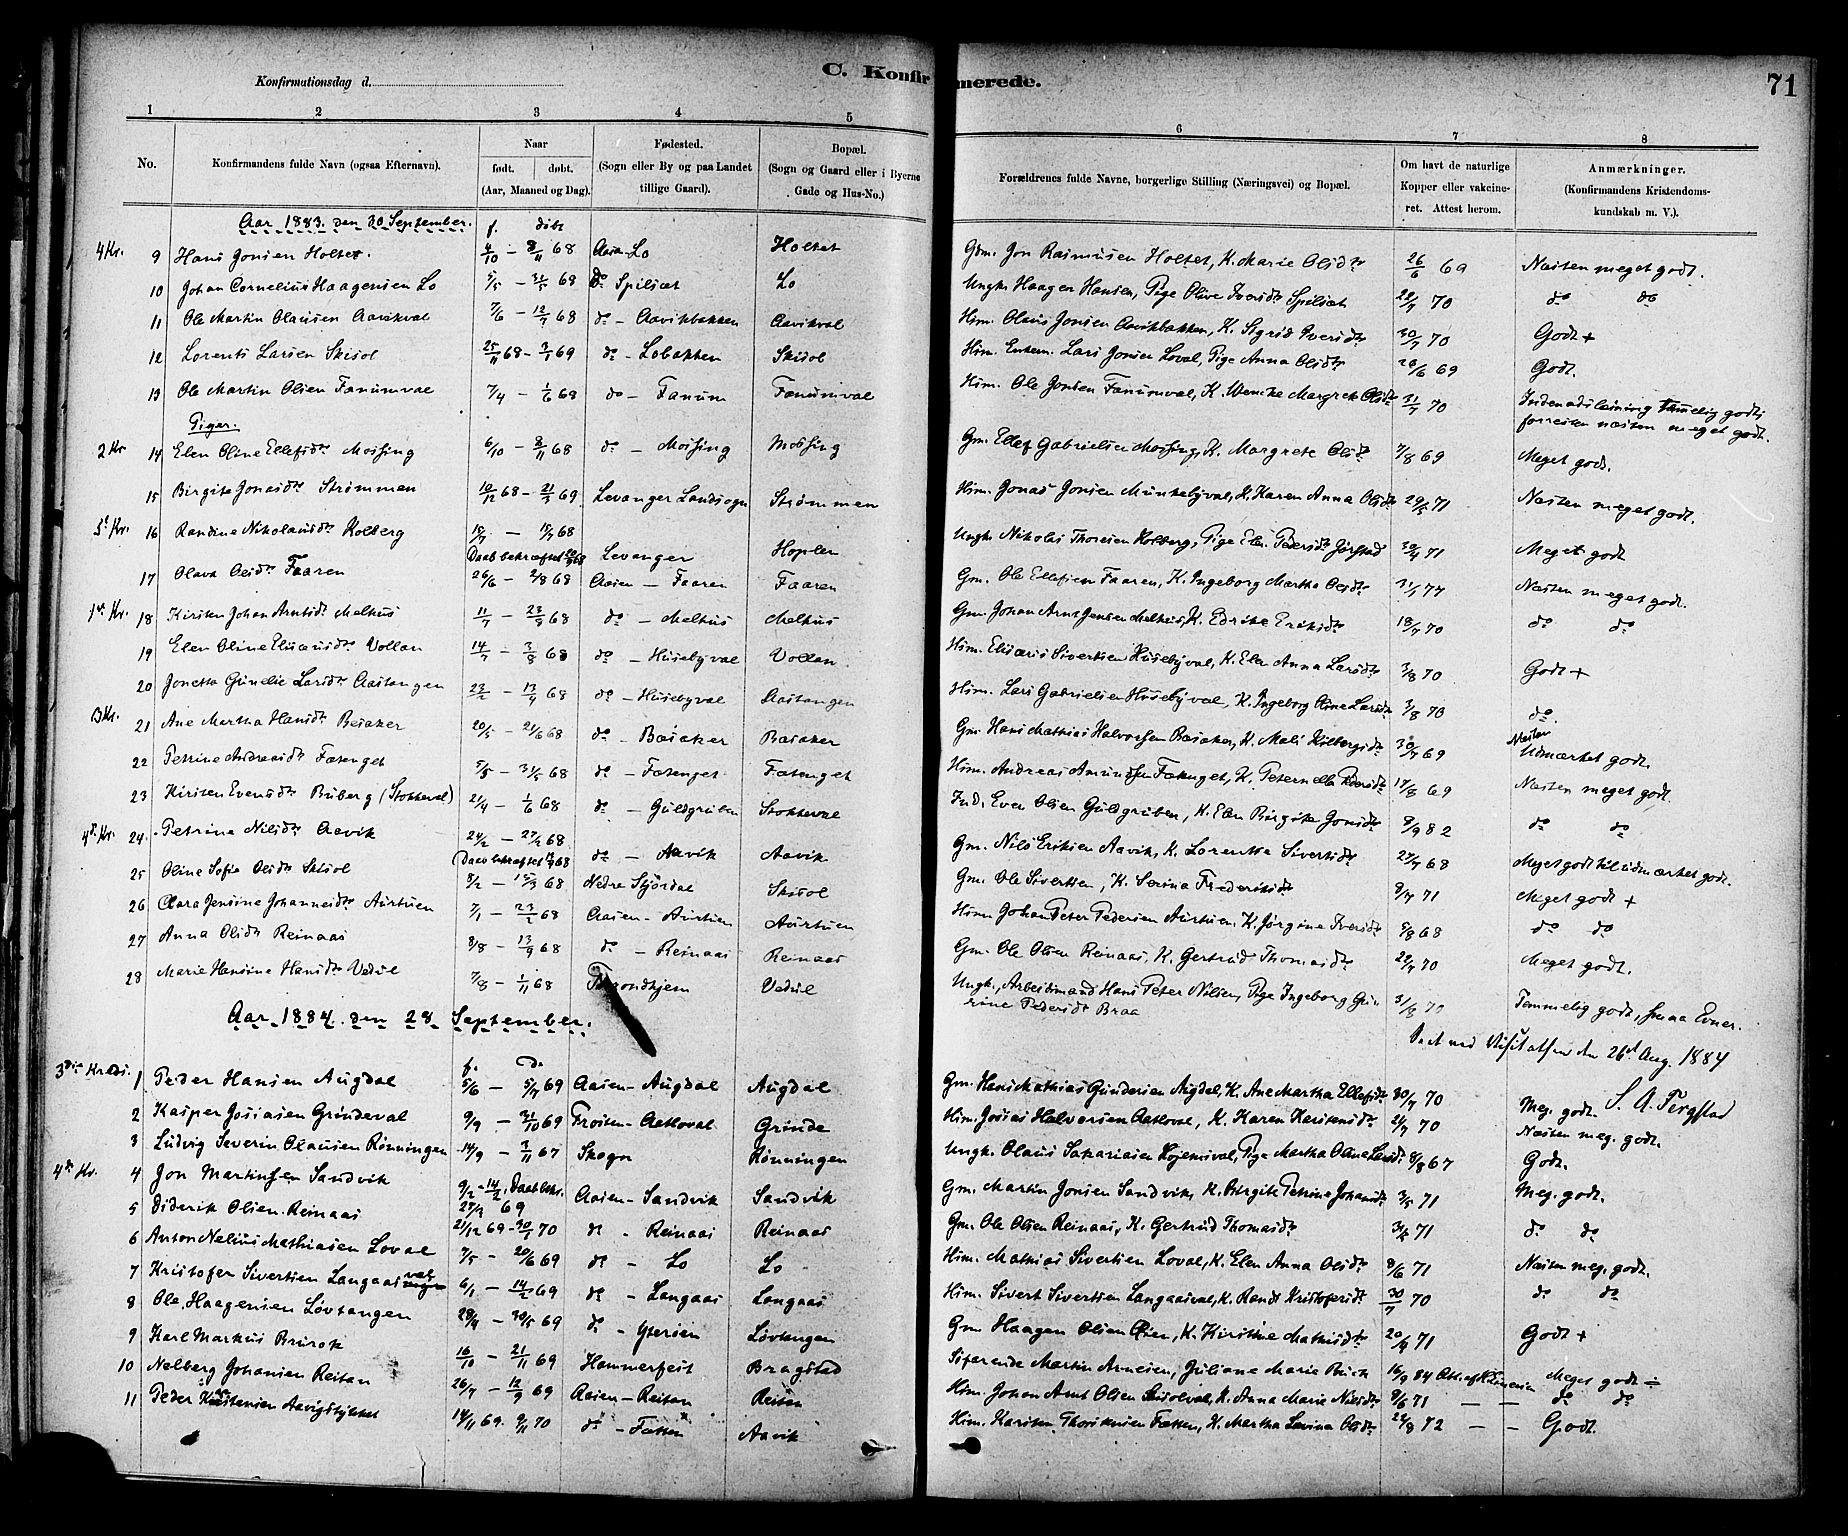 SAT, Ministerialprotokoller, klokkerbøker og fødselsregistre - Nord-Trøndelag, 714/L0130: Ministerialbok nr. 714A01, 1878-1895, s. 71